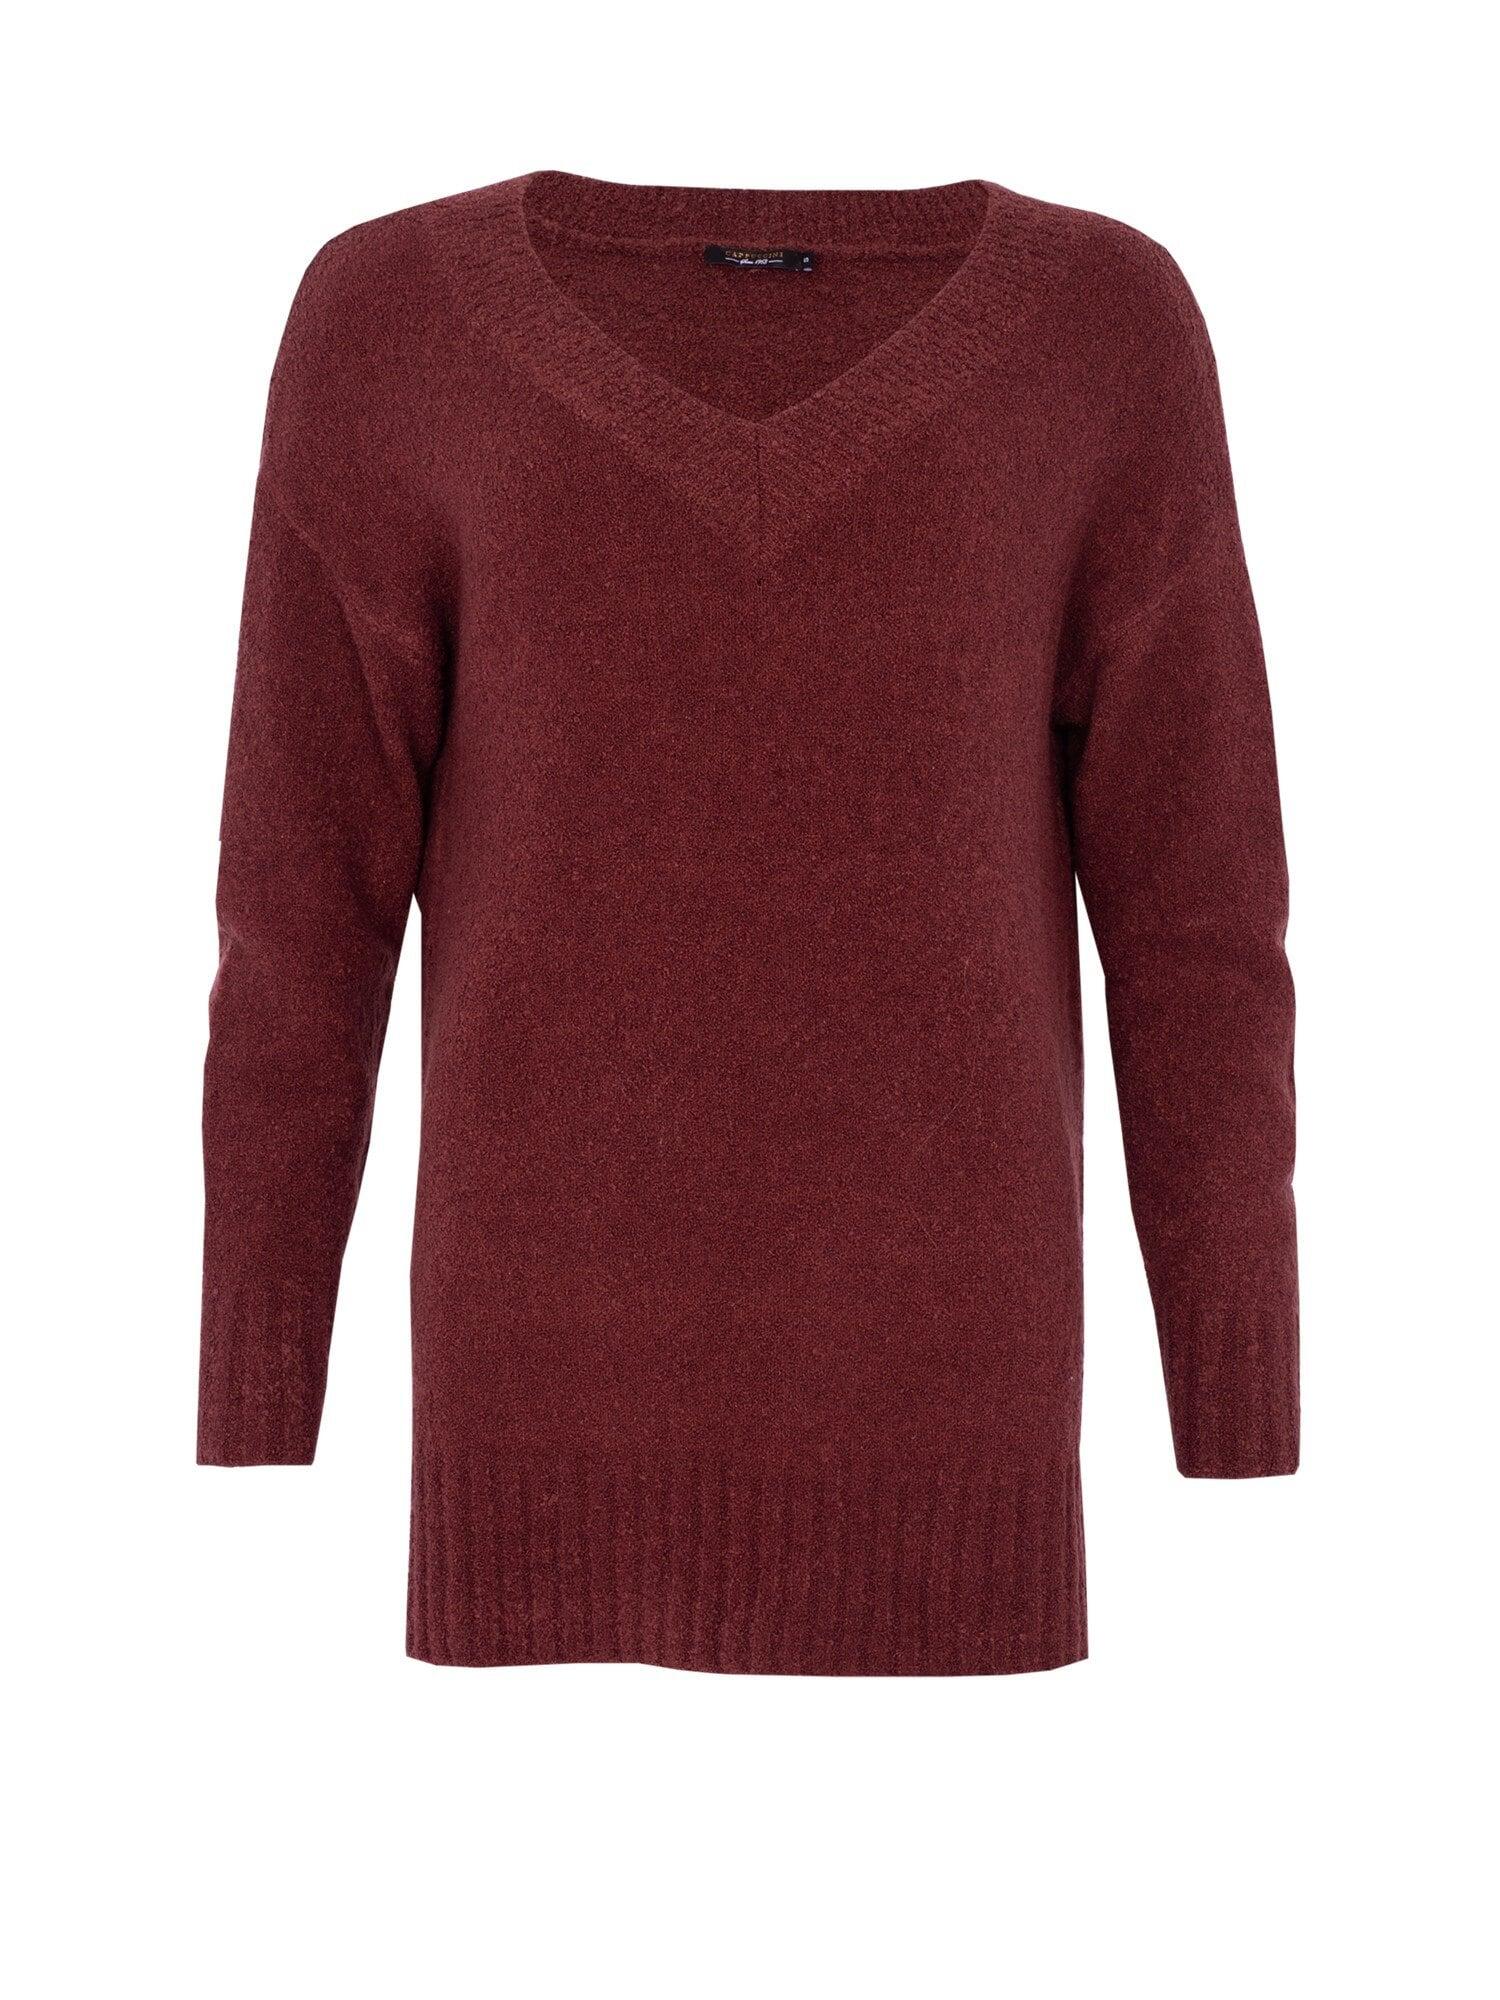 Annie V-Neck Sweater - Plum